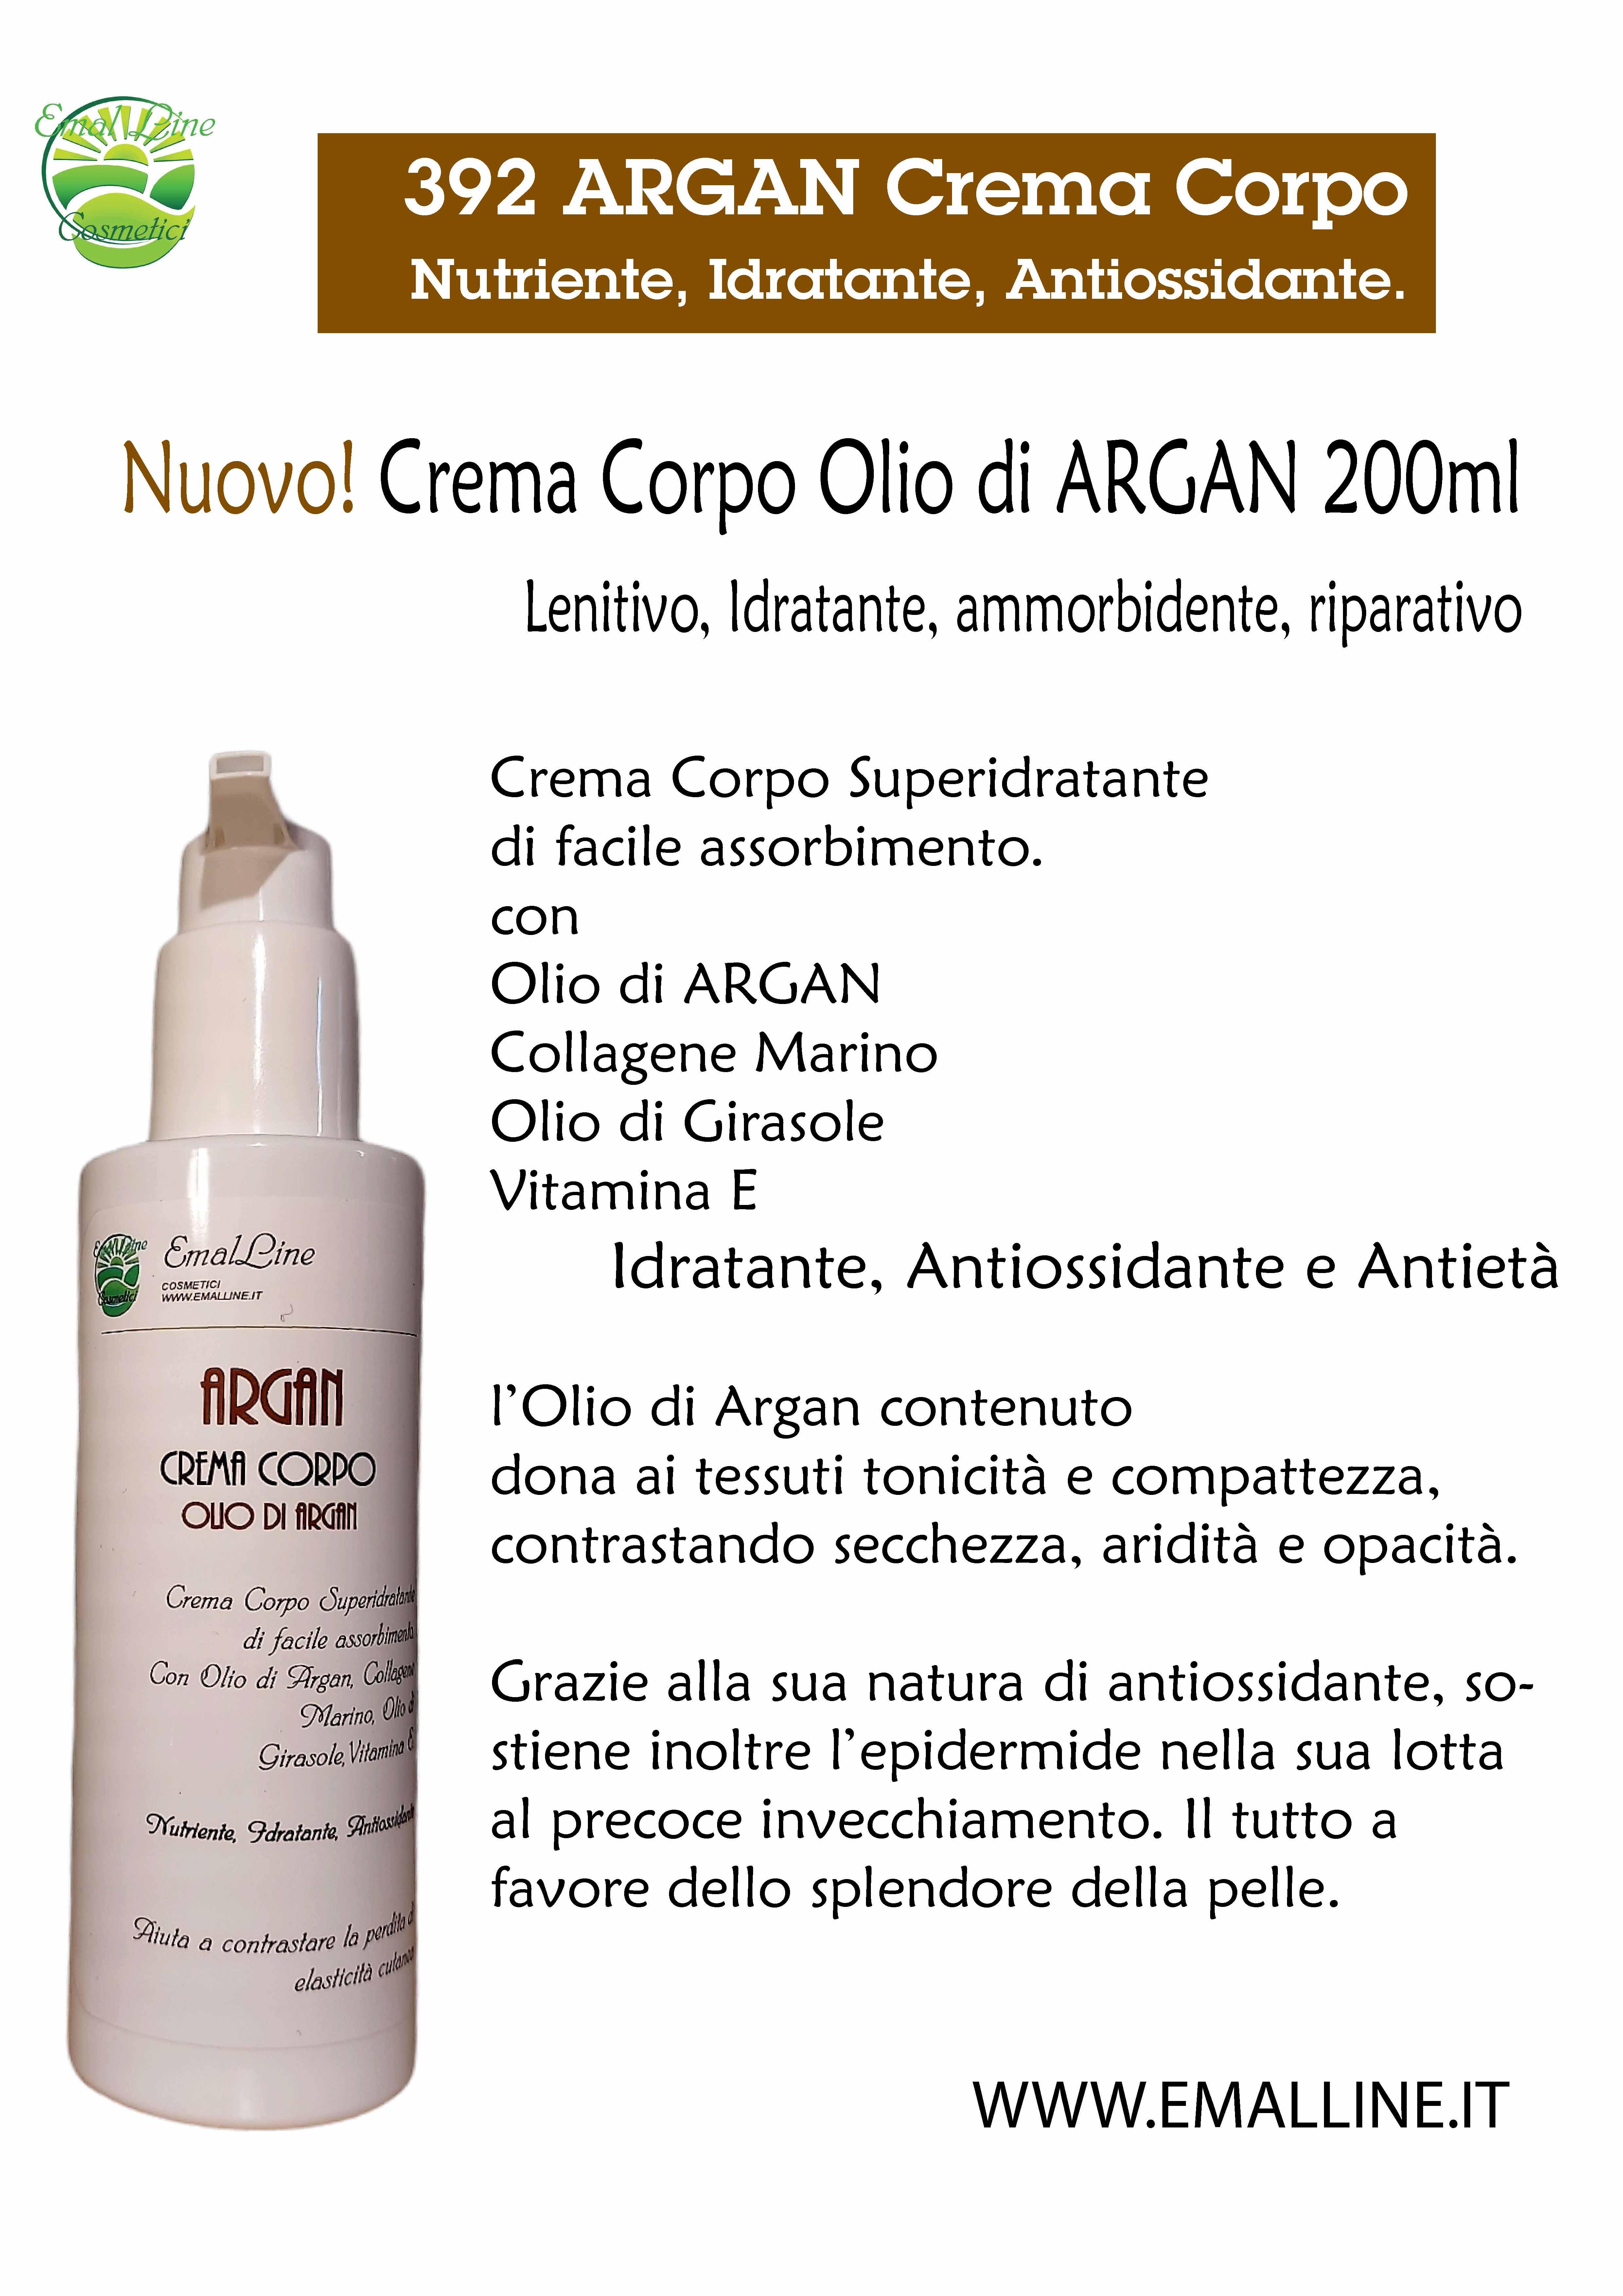 Crema Corpo Elasticizzante Idratante Olio di Argan 200 ml